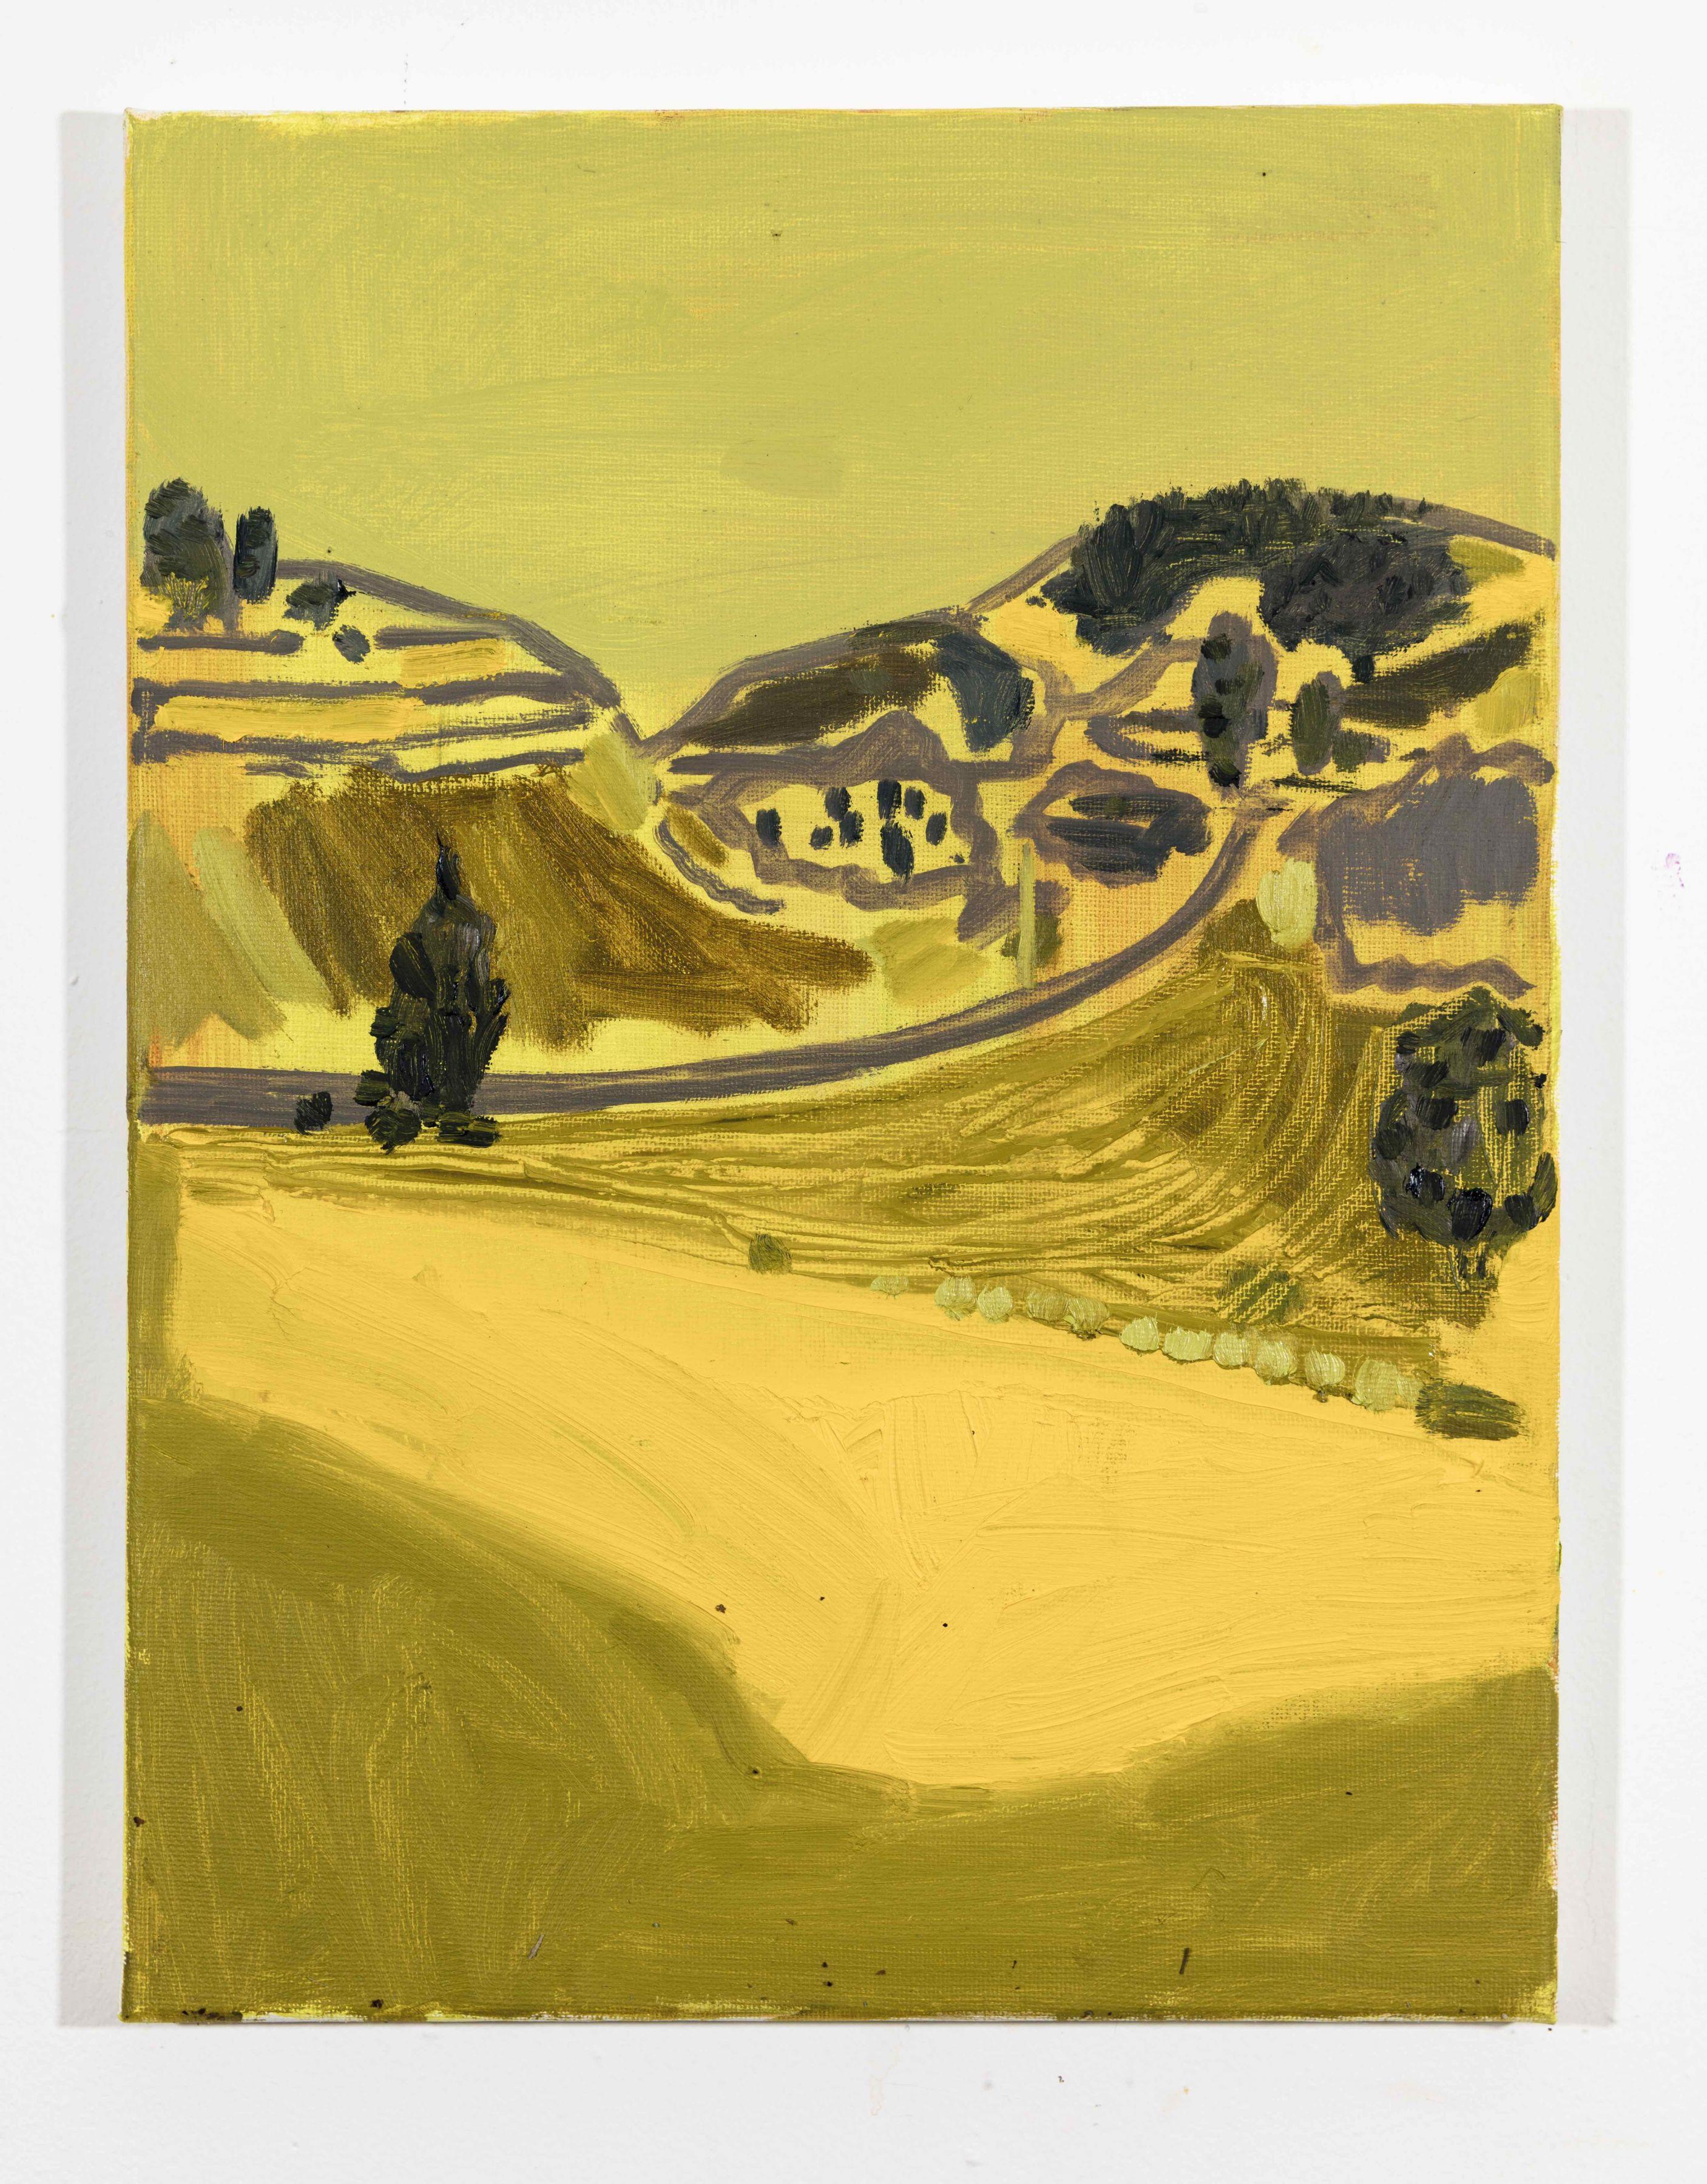 LISA SANDITZ, Landscape Color Study 14, 2019